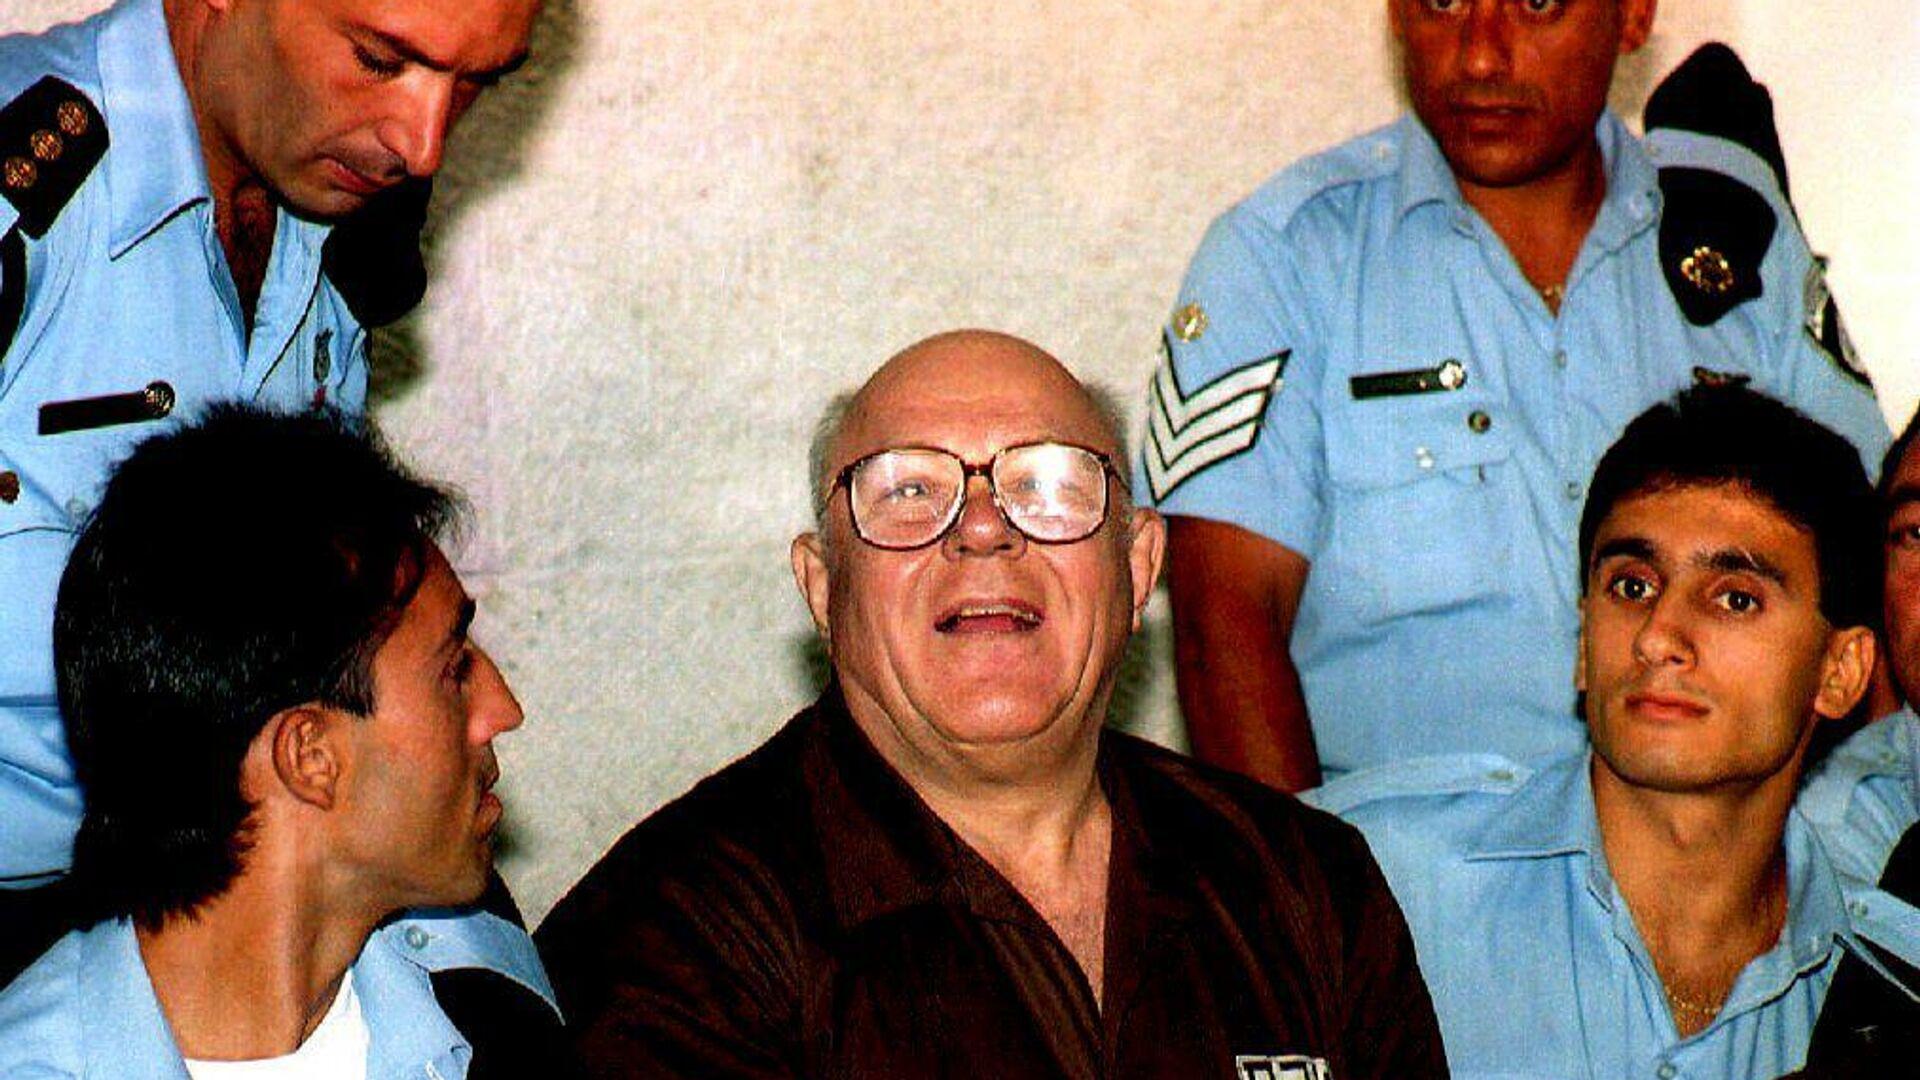 John Demjanjuk en la Corte Suprema de Israel en 1993 - Sputnik Mundo, 1920, 17.03.2021